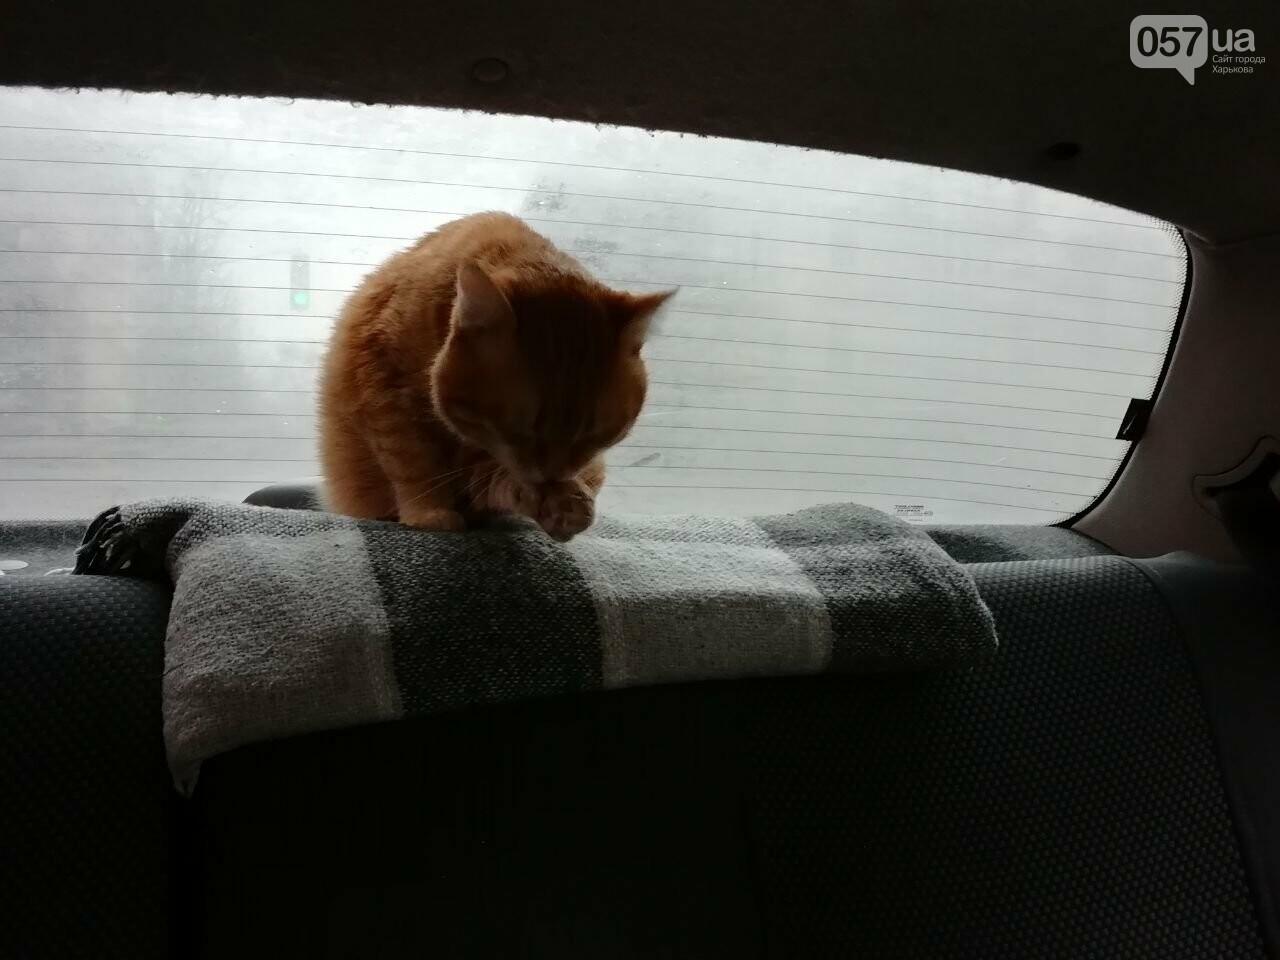 Поездка с котом и большие чаевые. Как харьковский таксист с питомцем возит пассажиров, - ФОТО, фото-18